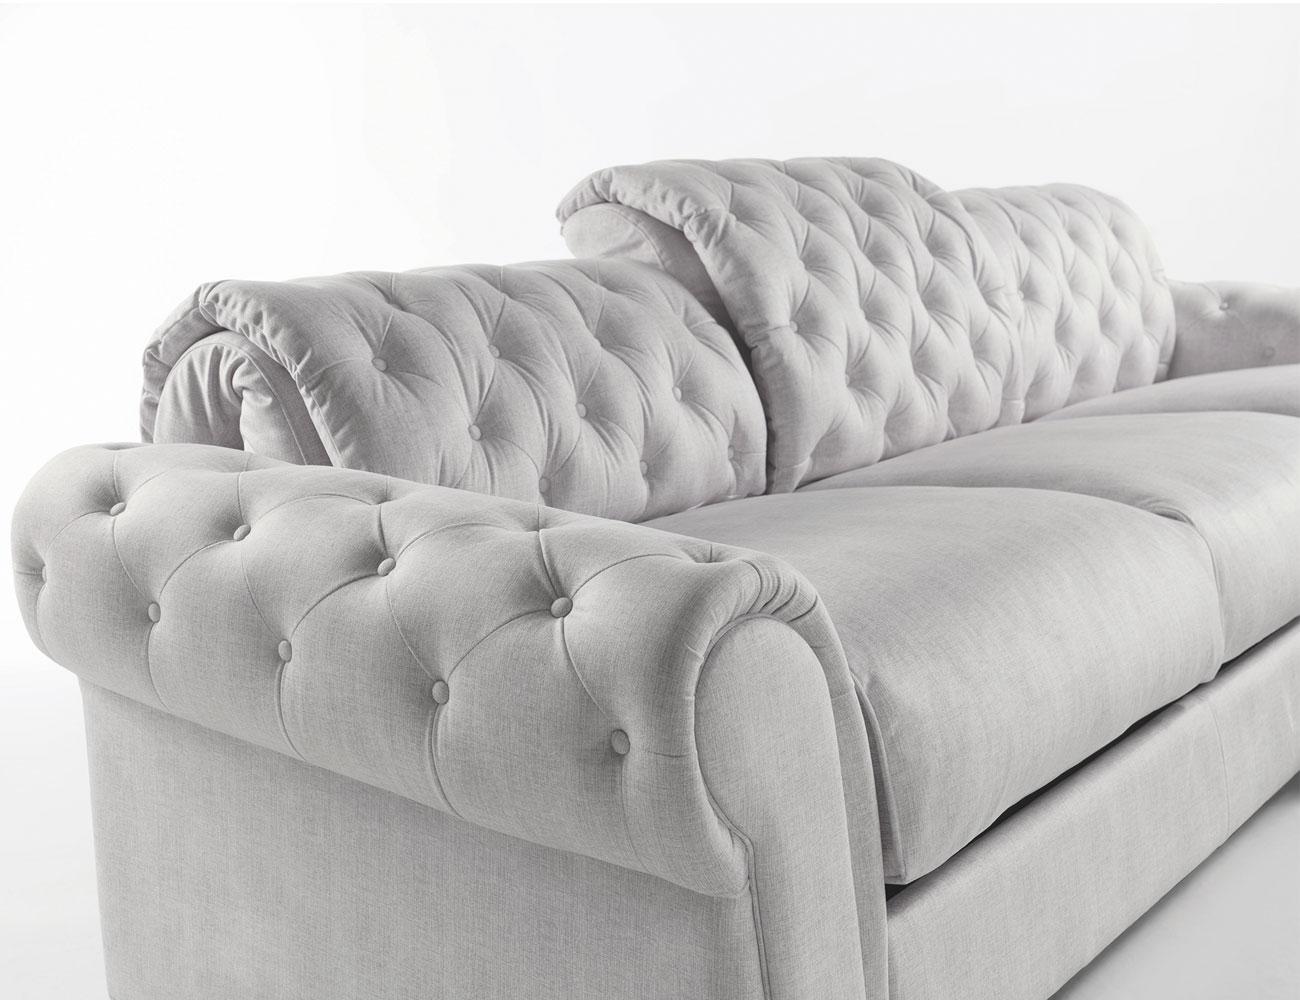 Sofa chaiselongue gran lujo decorativo capitone blanco tela 146